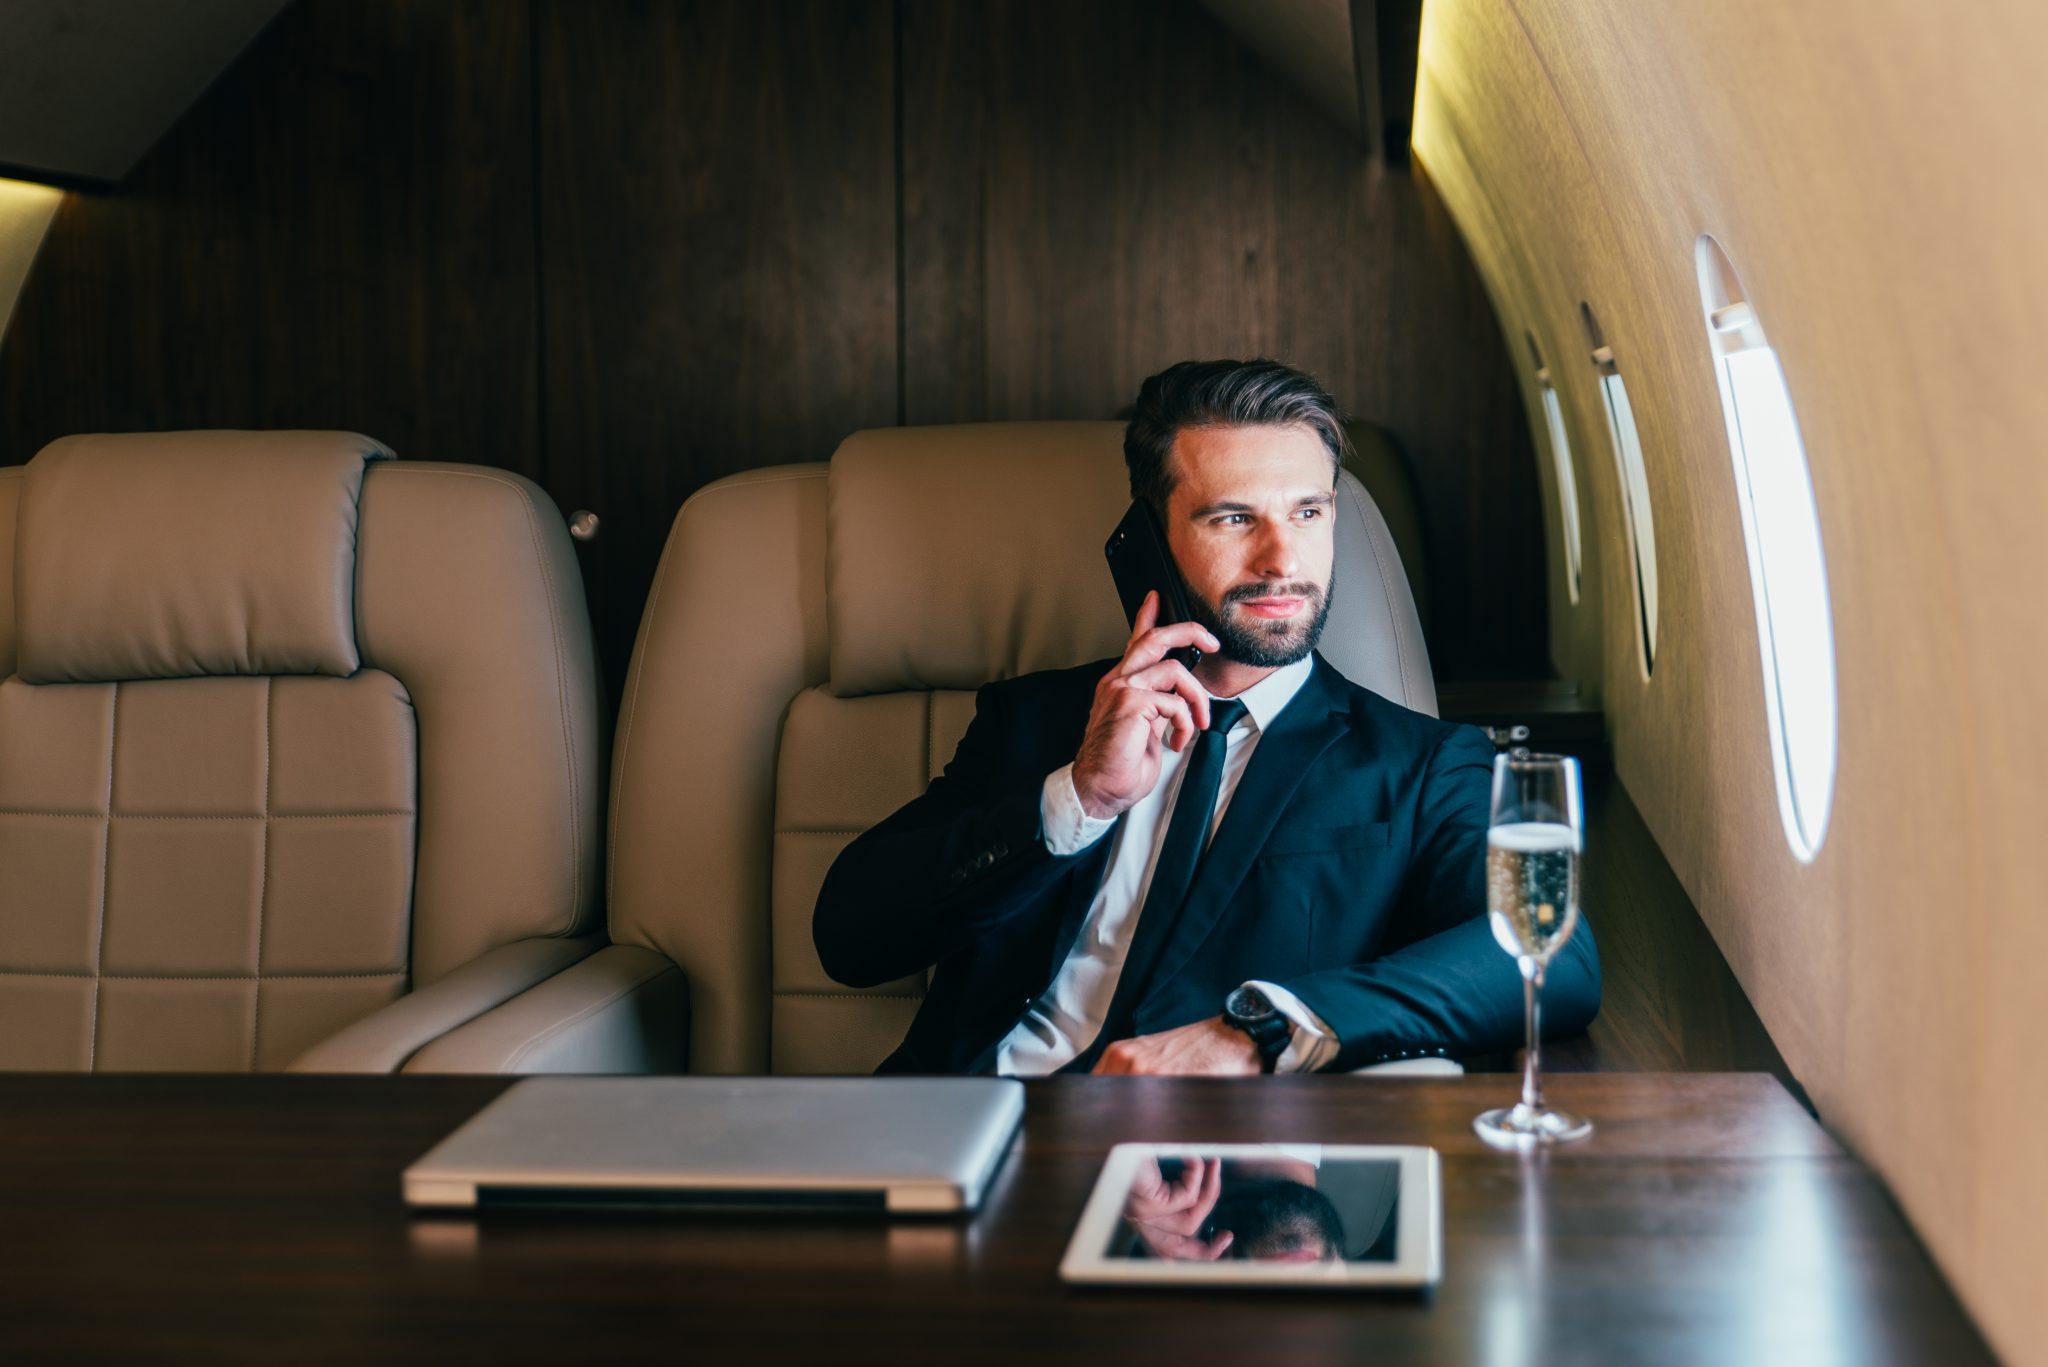 「なぜお金持ちになりたいか」考えてますか?